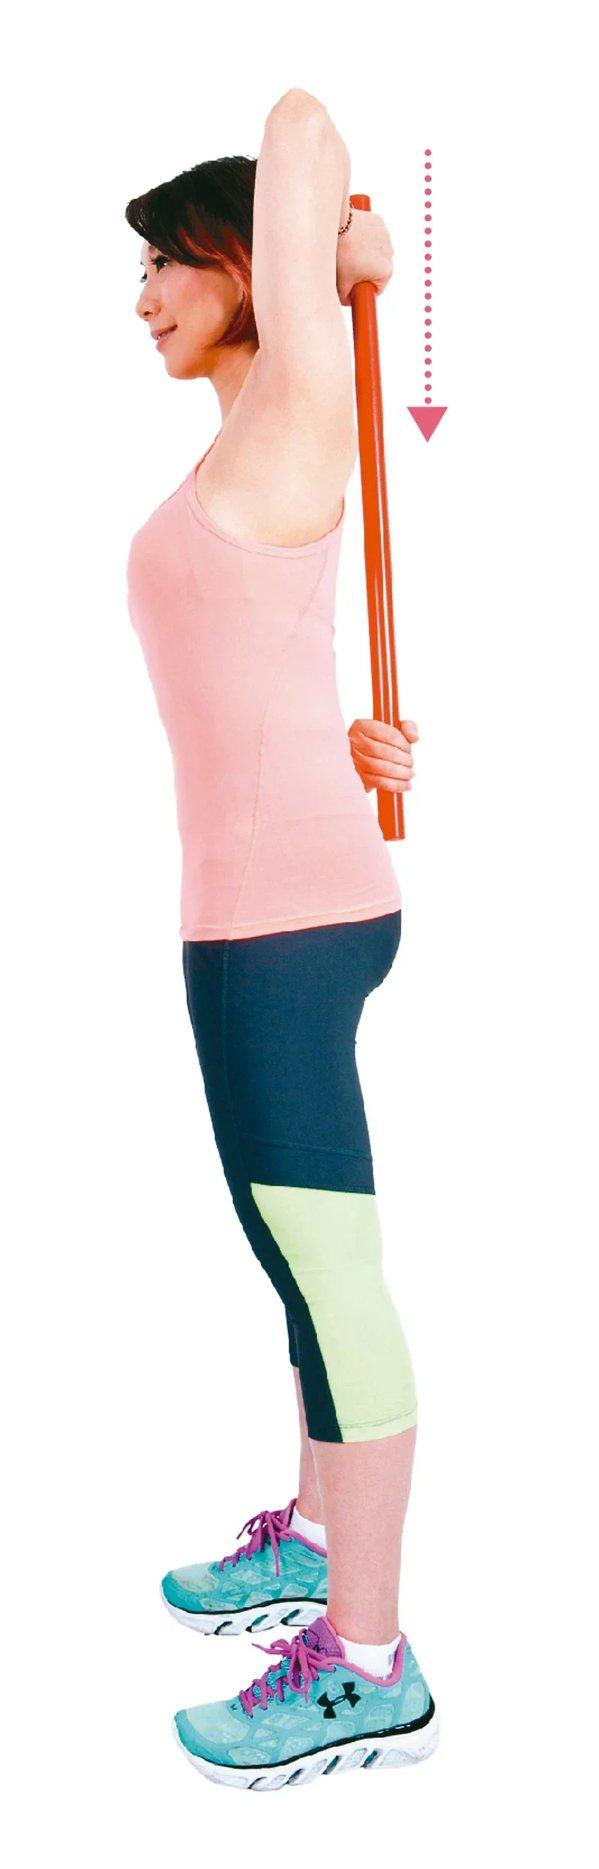 將手上舉,雙腳與肩同寬,雙手將棍子緩緩舉起向上延伸,直到自己無法再抬高的極限;維...